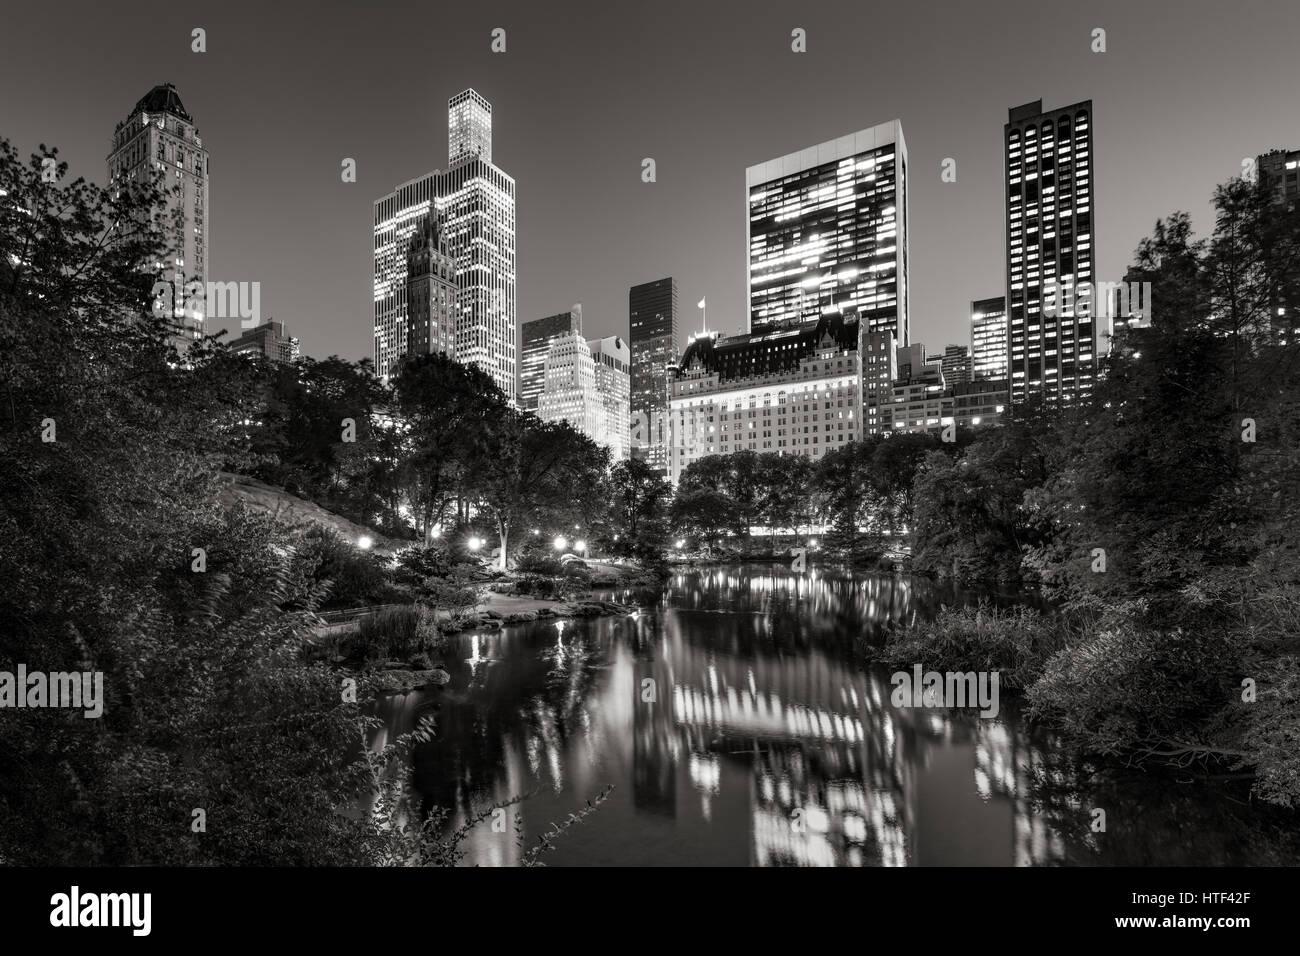 Midtown Manhattan grattacieli illuminati in serata.Gli edifici di Central Park South sono riflessa nello stagno. Immagini Stock